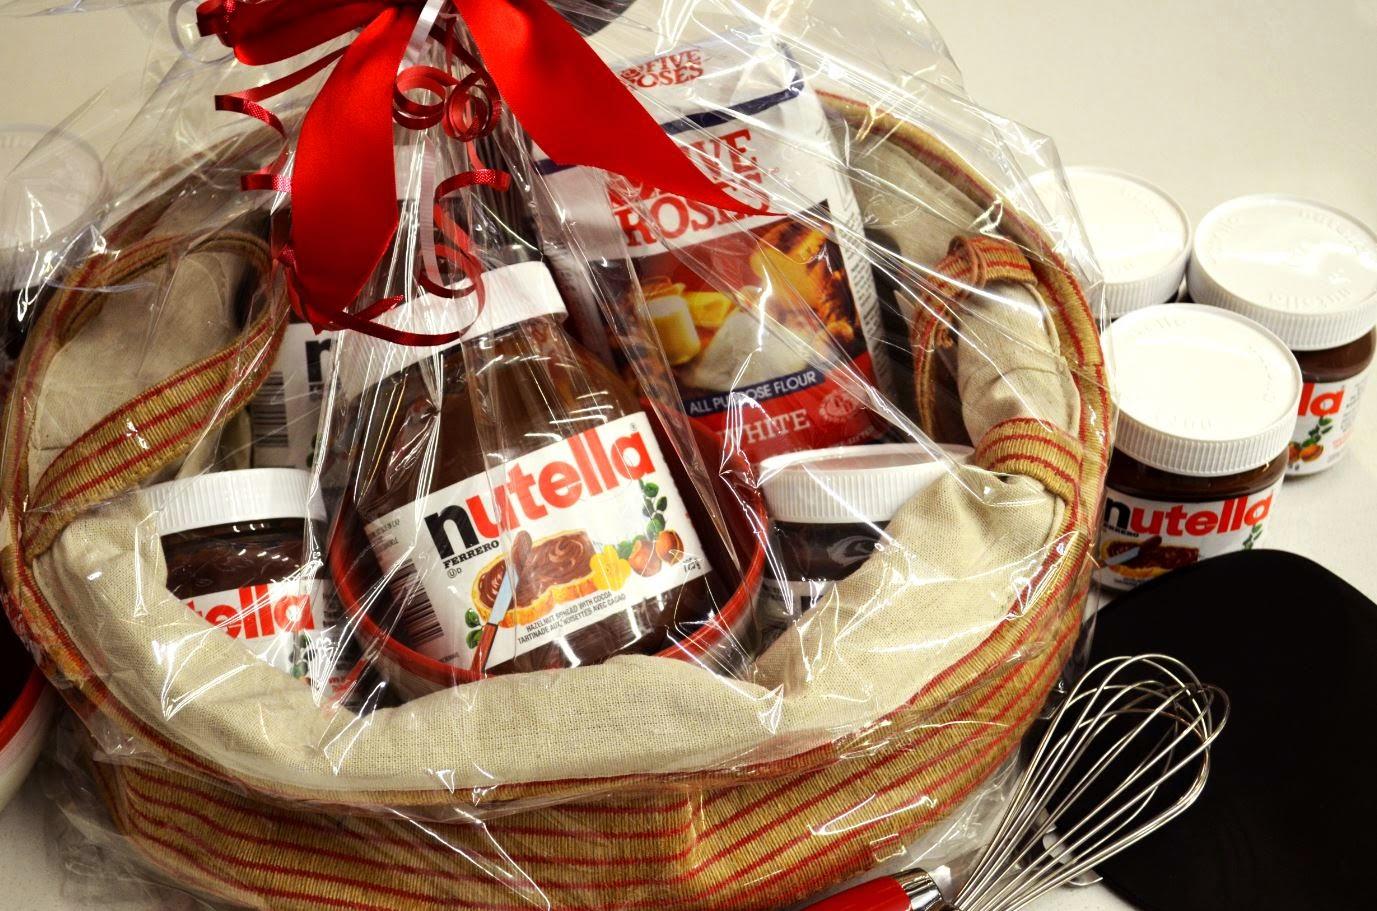 Panier Cadeau Ou Panier Cadeau : Un panier cadeau nutella et une carte visa de ?